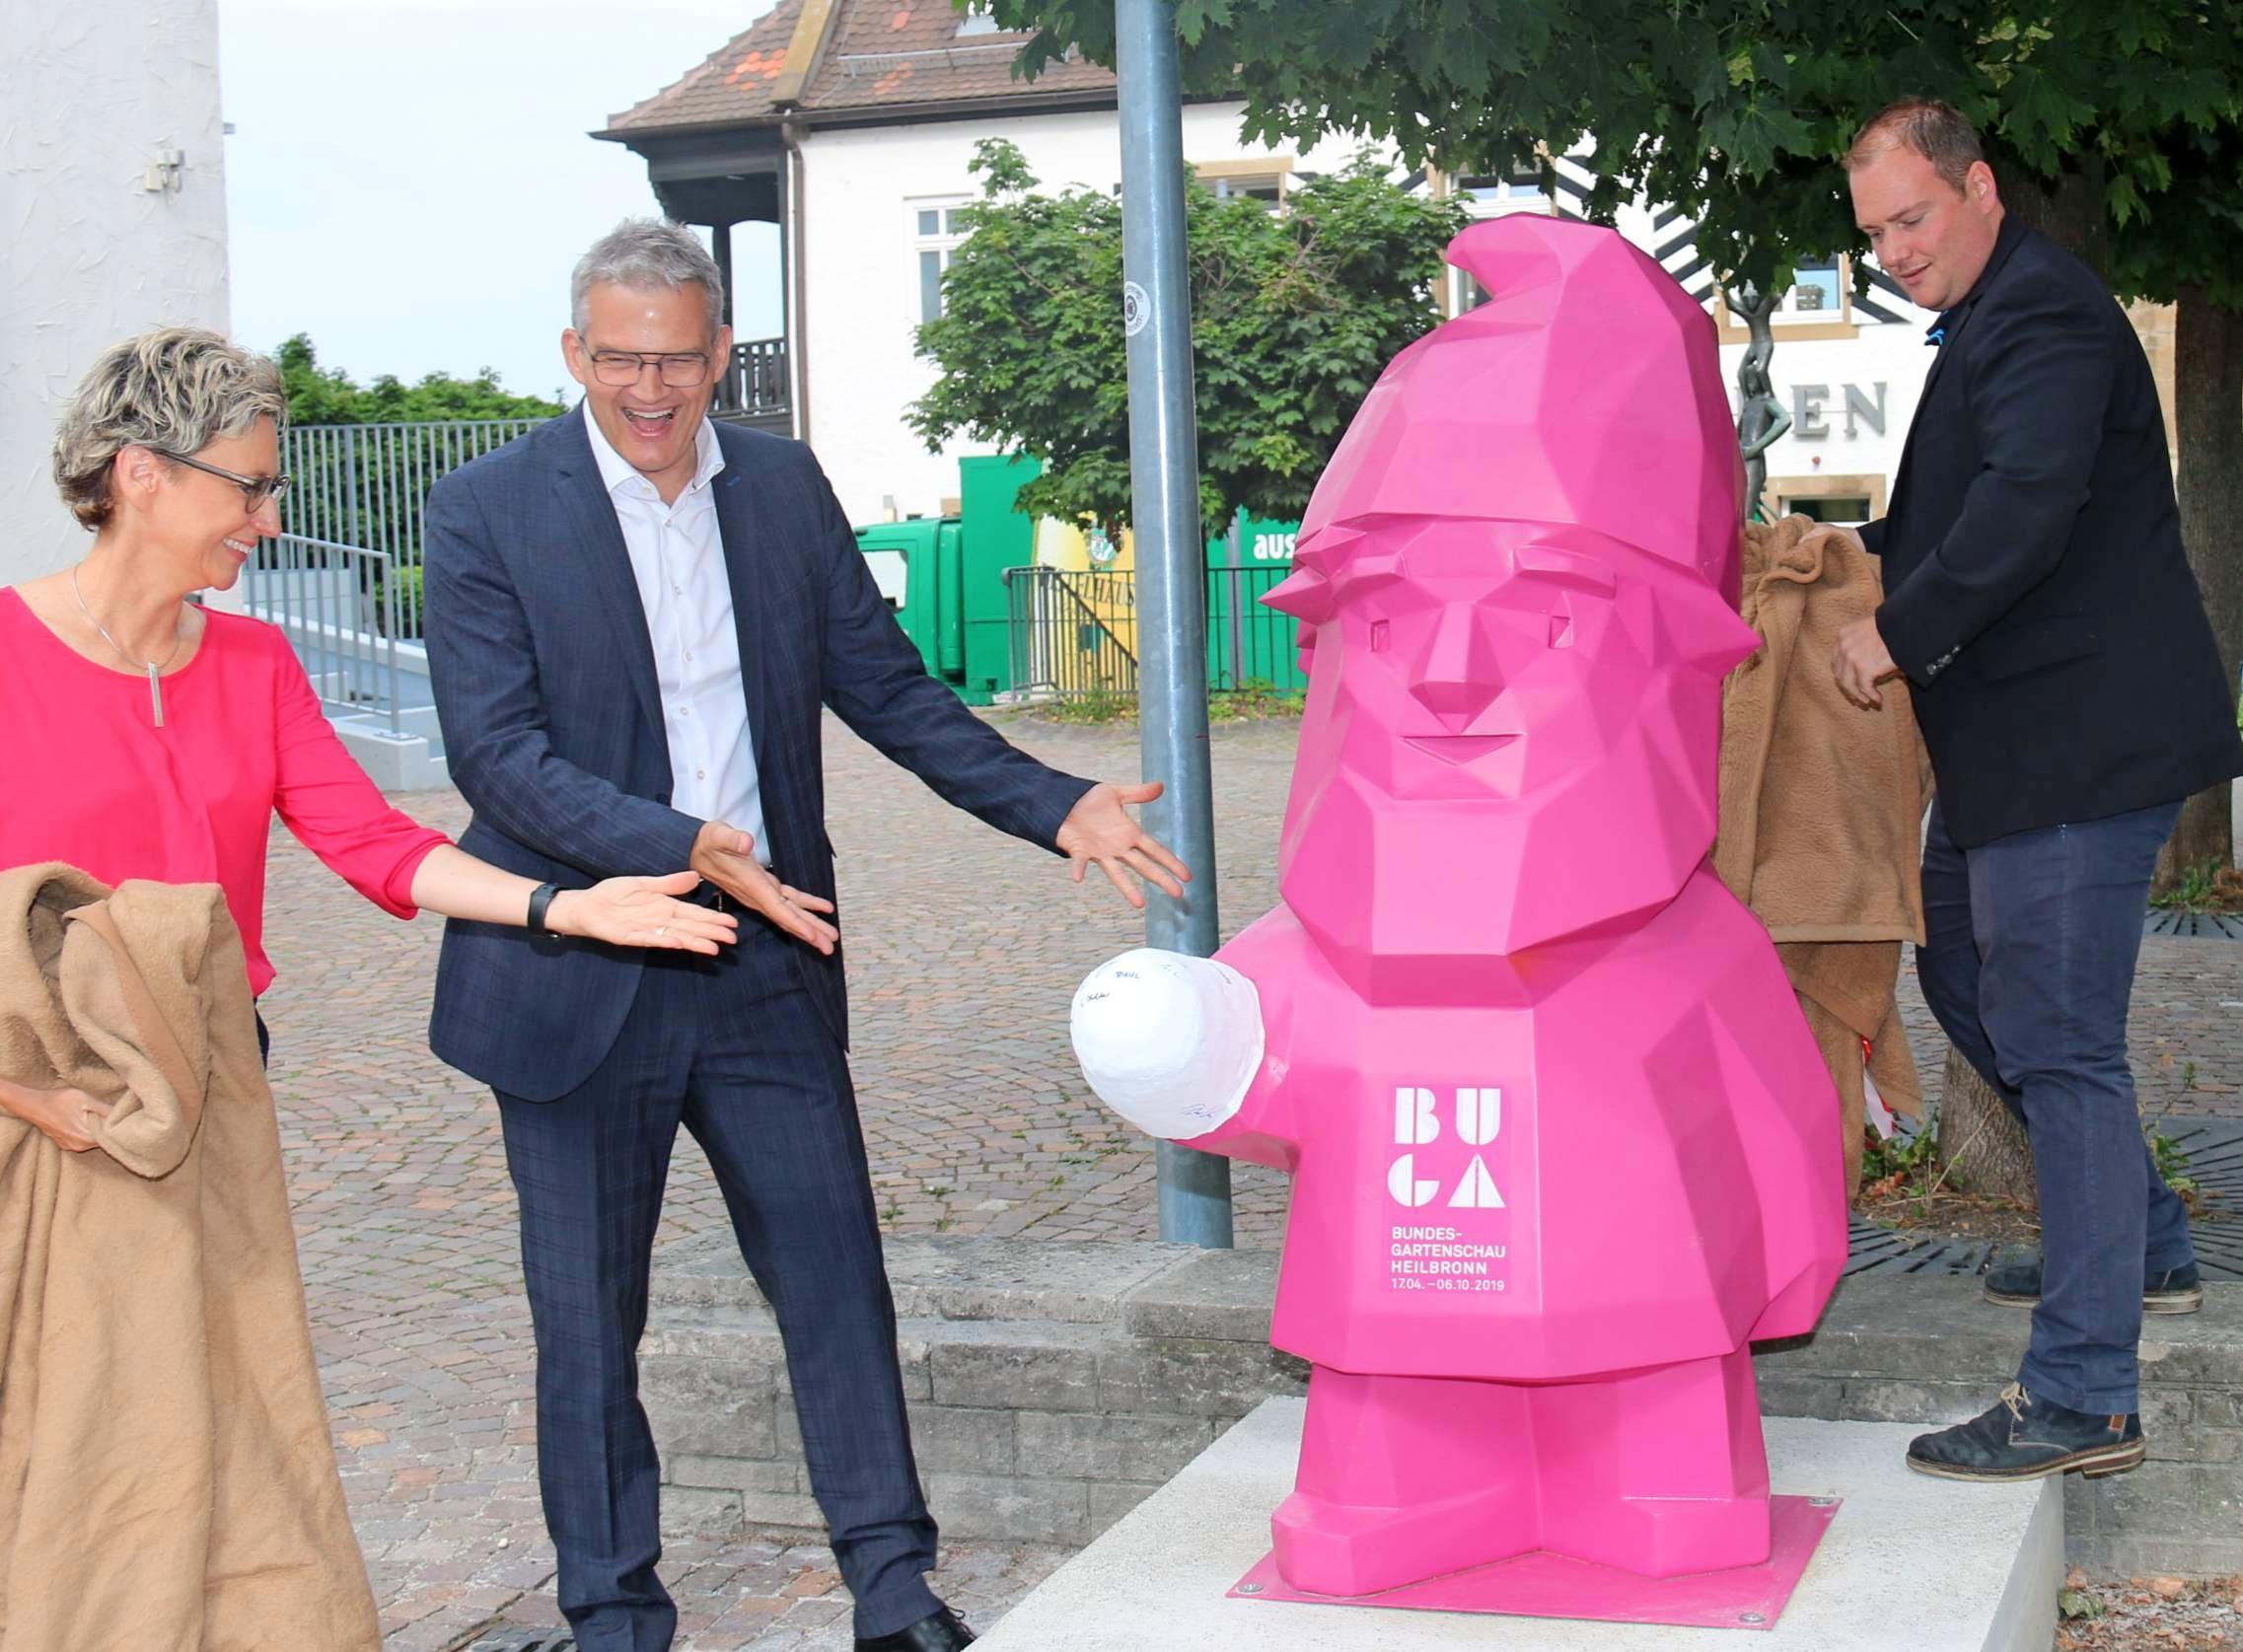 Museumsleiterin Natalie Scheerle-Walz, OB Steffen Hertwig und Bauhofleiter Andreas Pfeifer (von links) freuen sich über die Rückkehr des Buga-Zwergs. Foto: snp